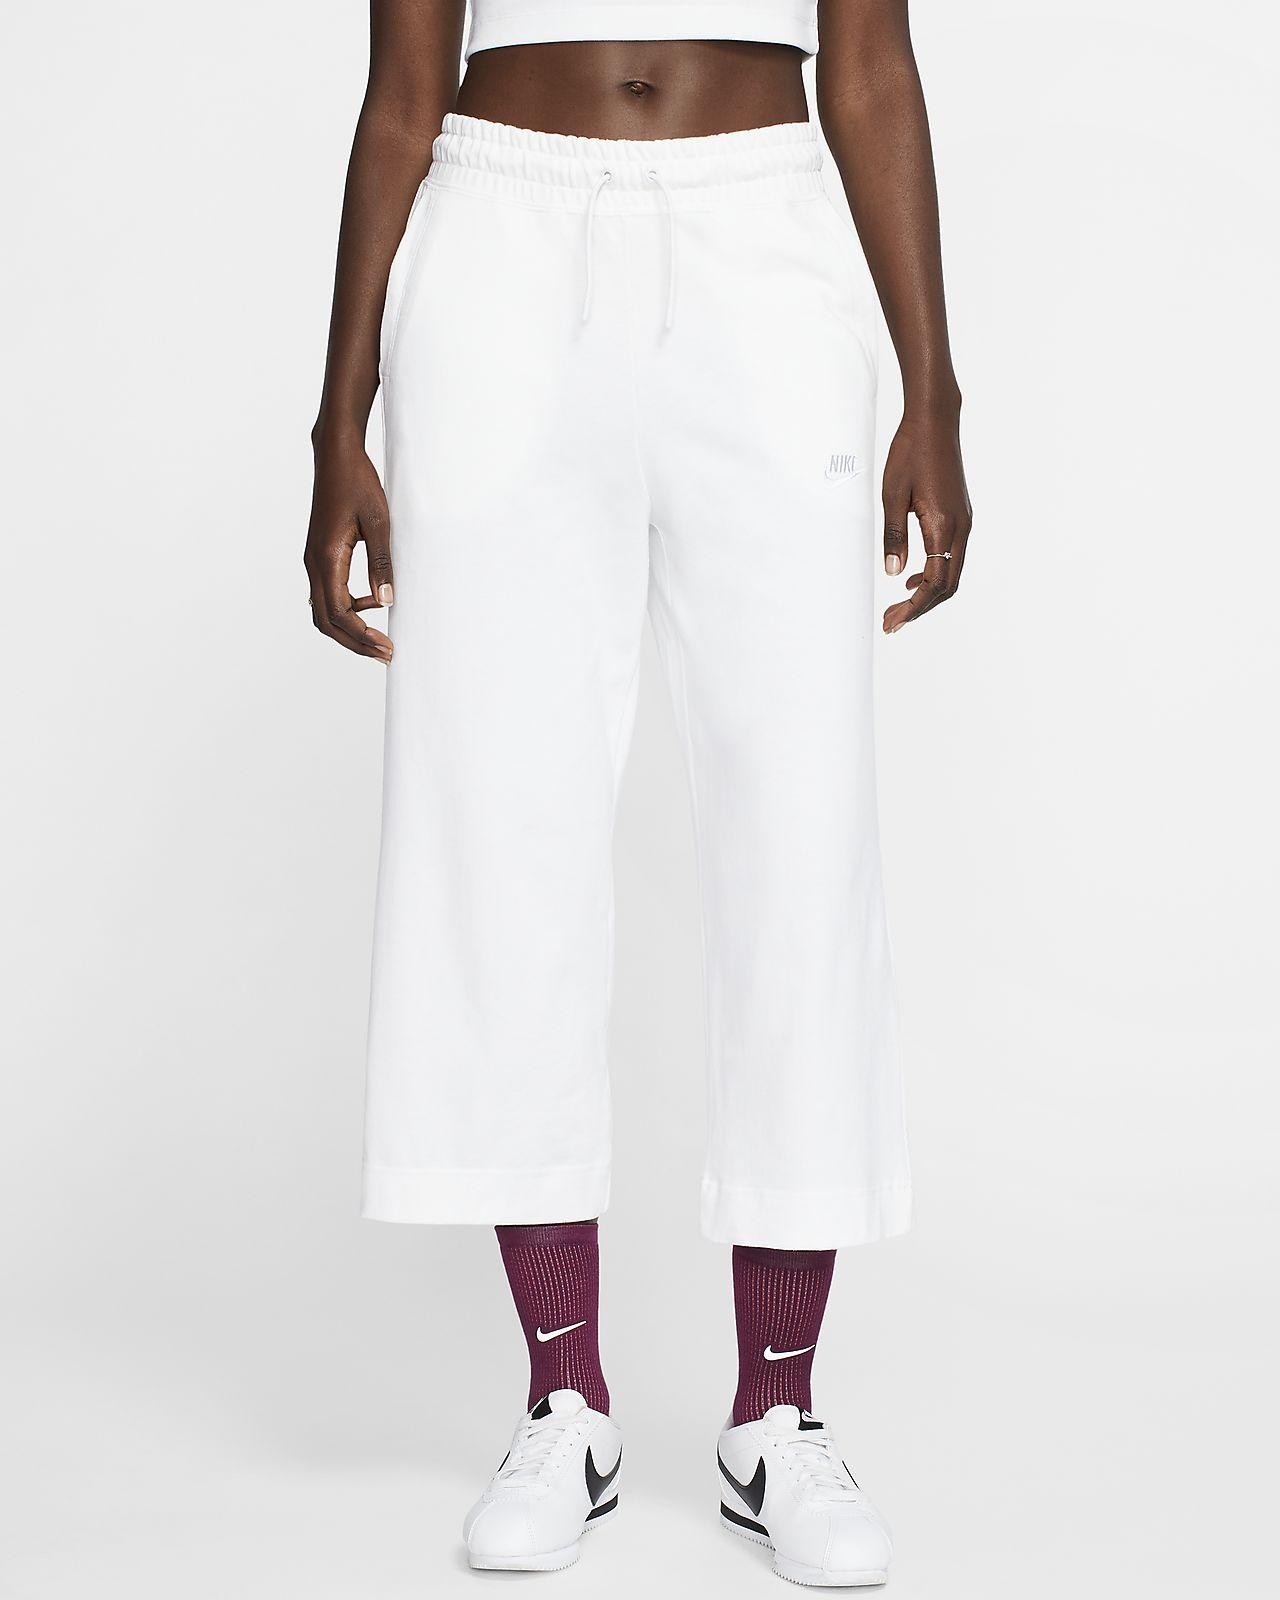 Corsaire en jersey Nike Sportswear pour Femme